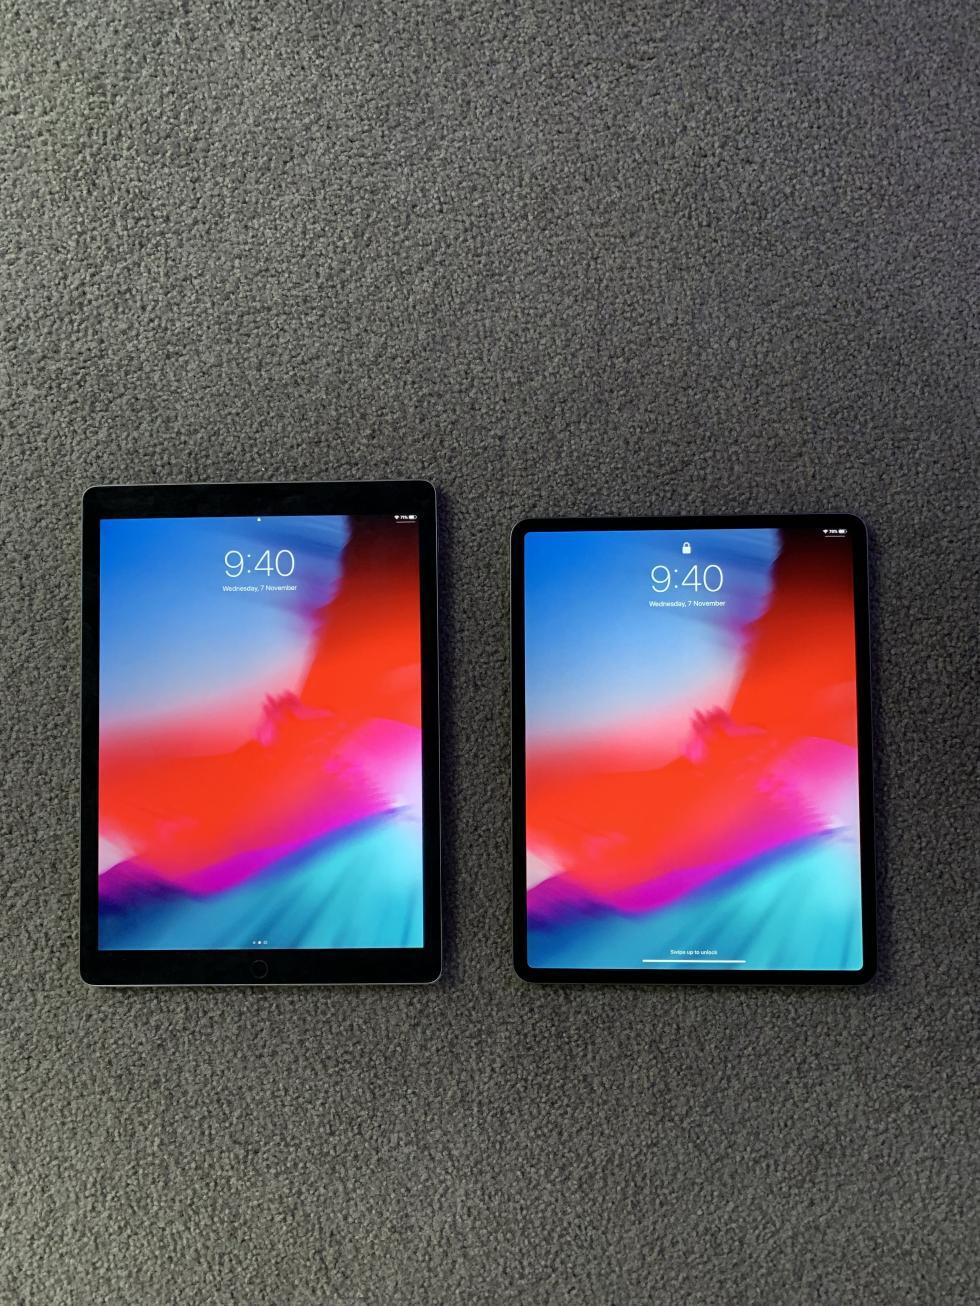 首批iPad Pro、MBA和Mac mini开始送达用户手中